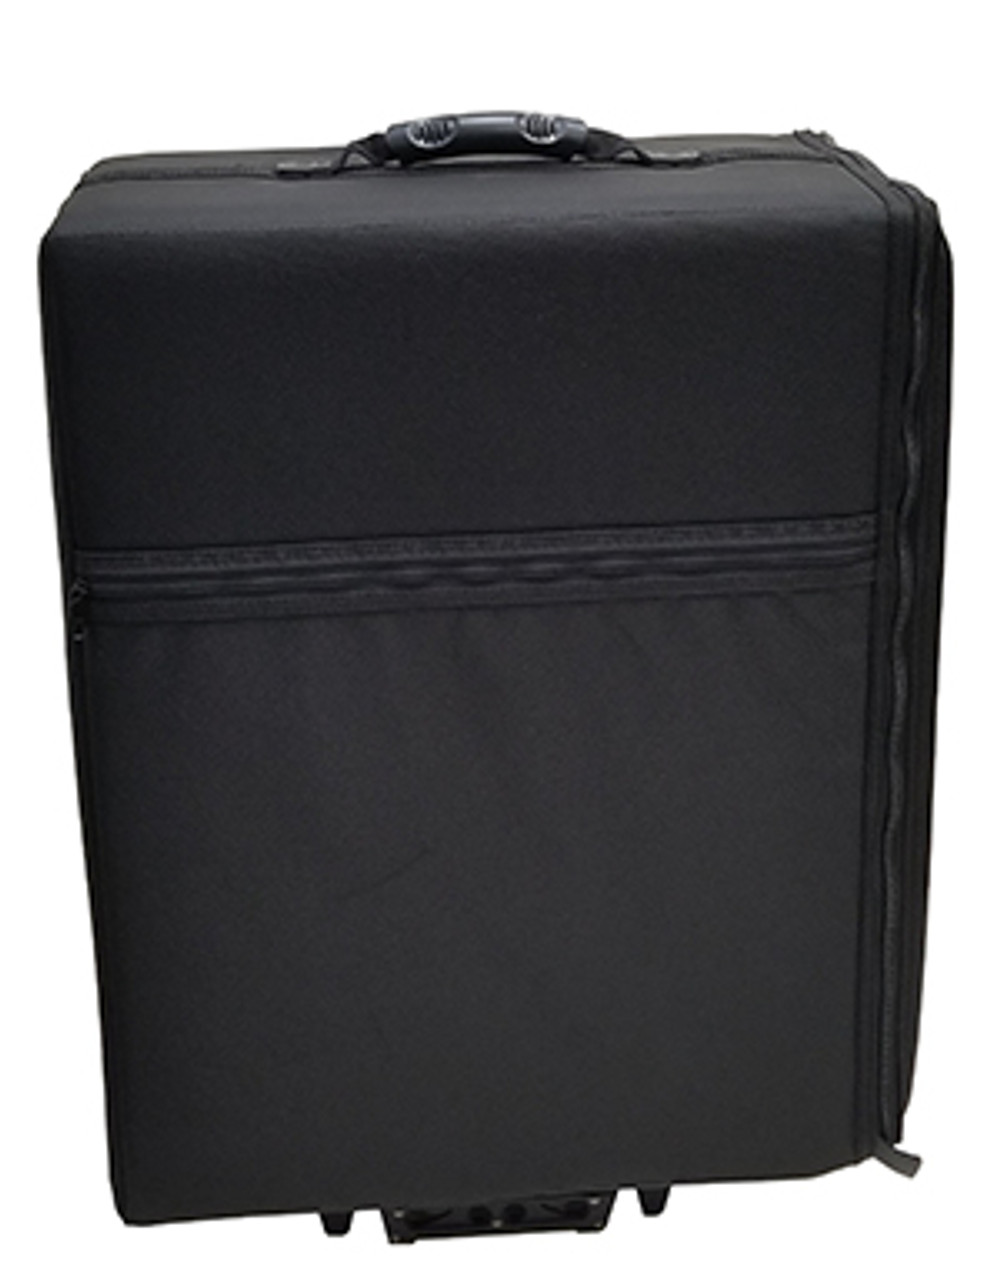 JEL-2319W: Padded Hard Side Wheeled Projector Case